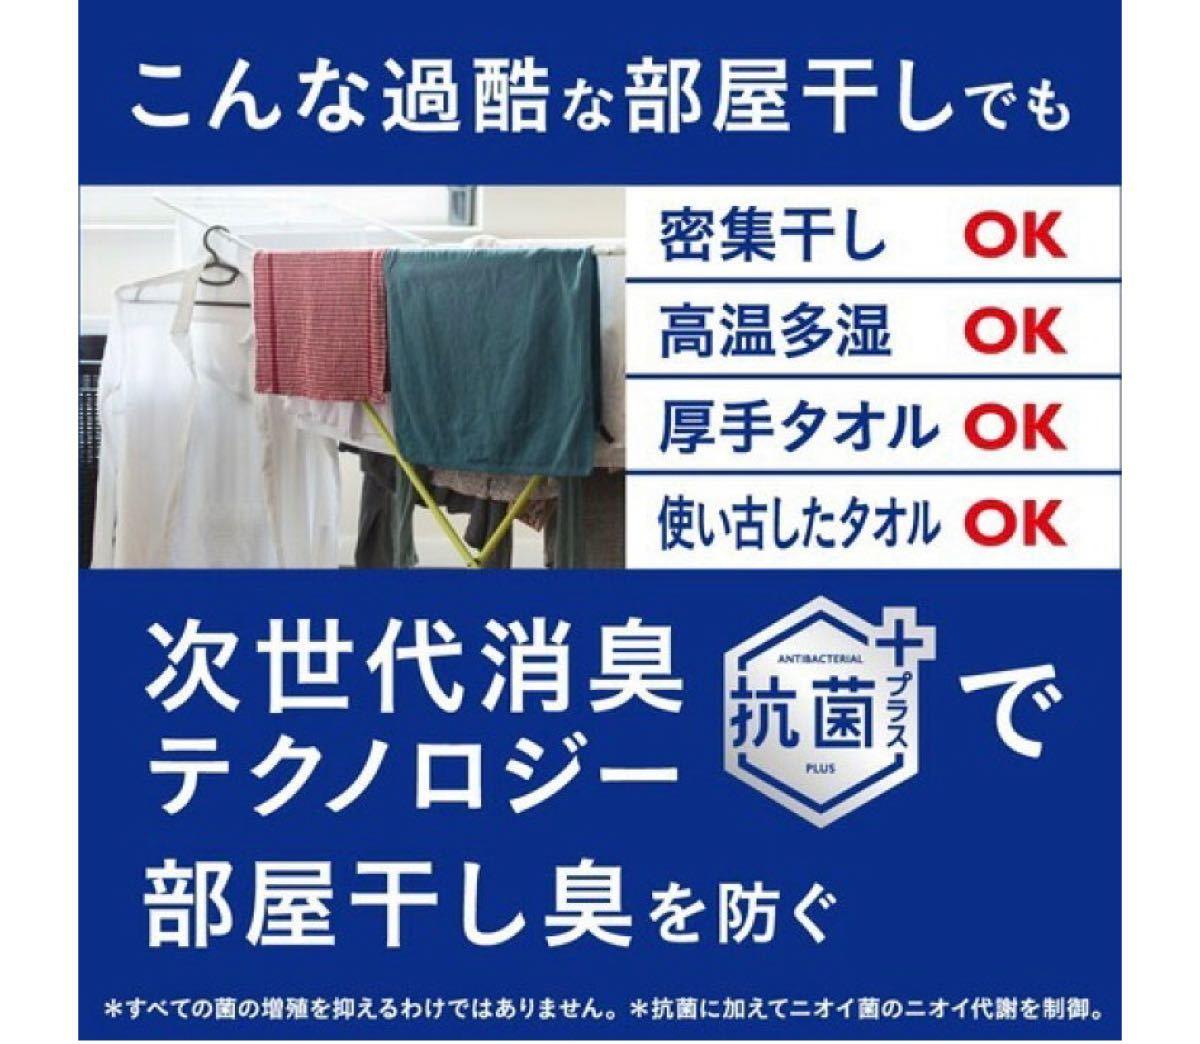 ★新品送料込★12本 アタックZERO 洗濯洗剤 ドラム式専用 本体